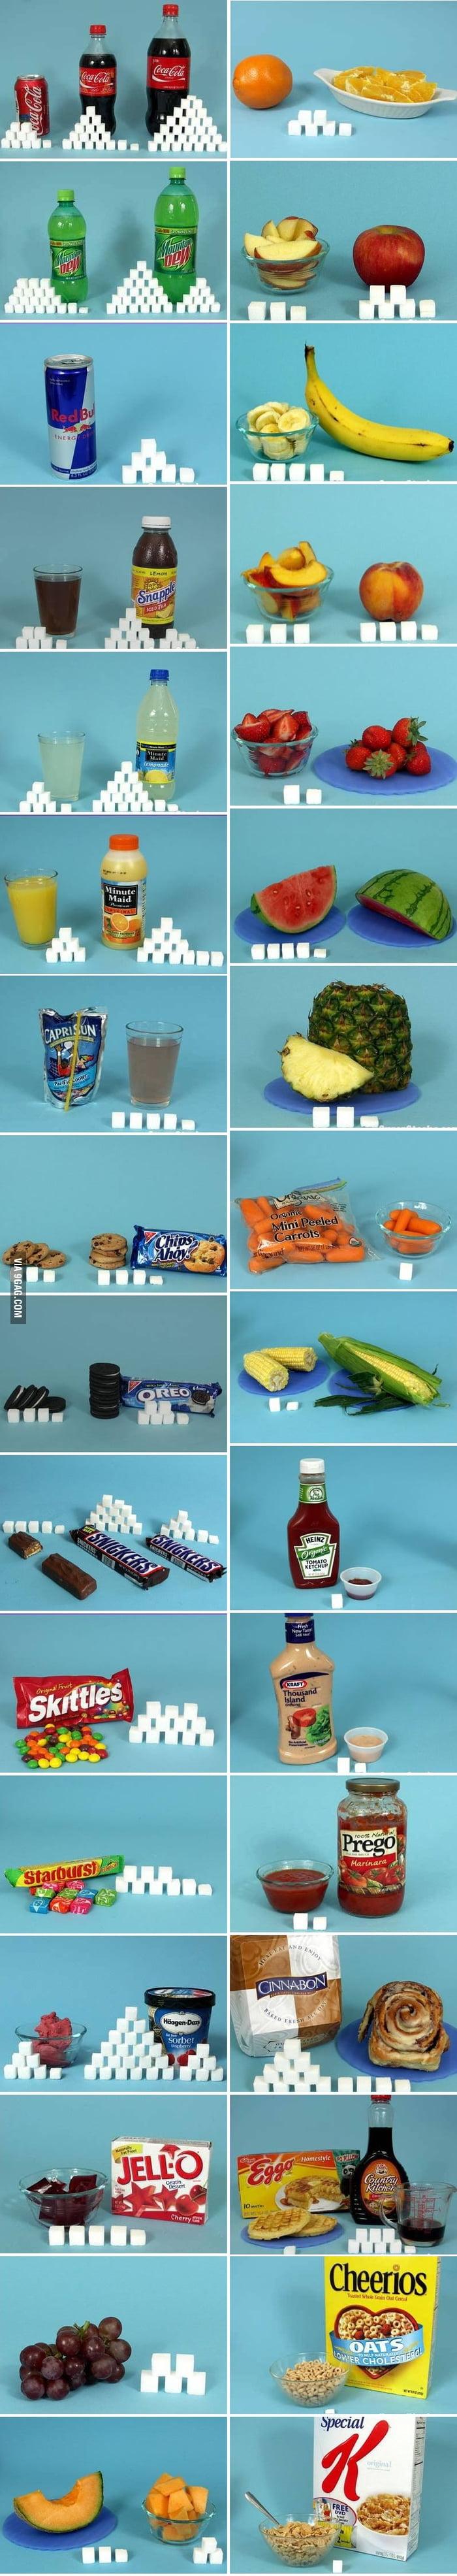 Sugar Comparison